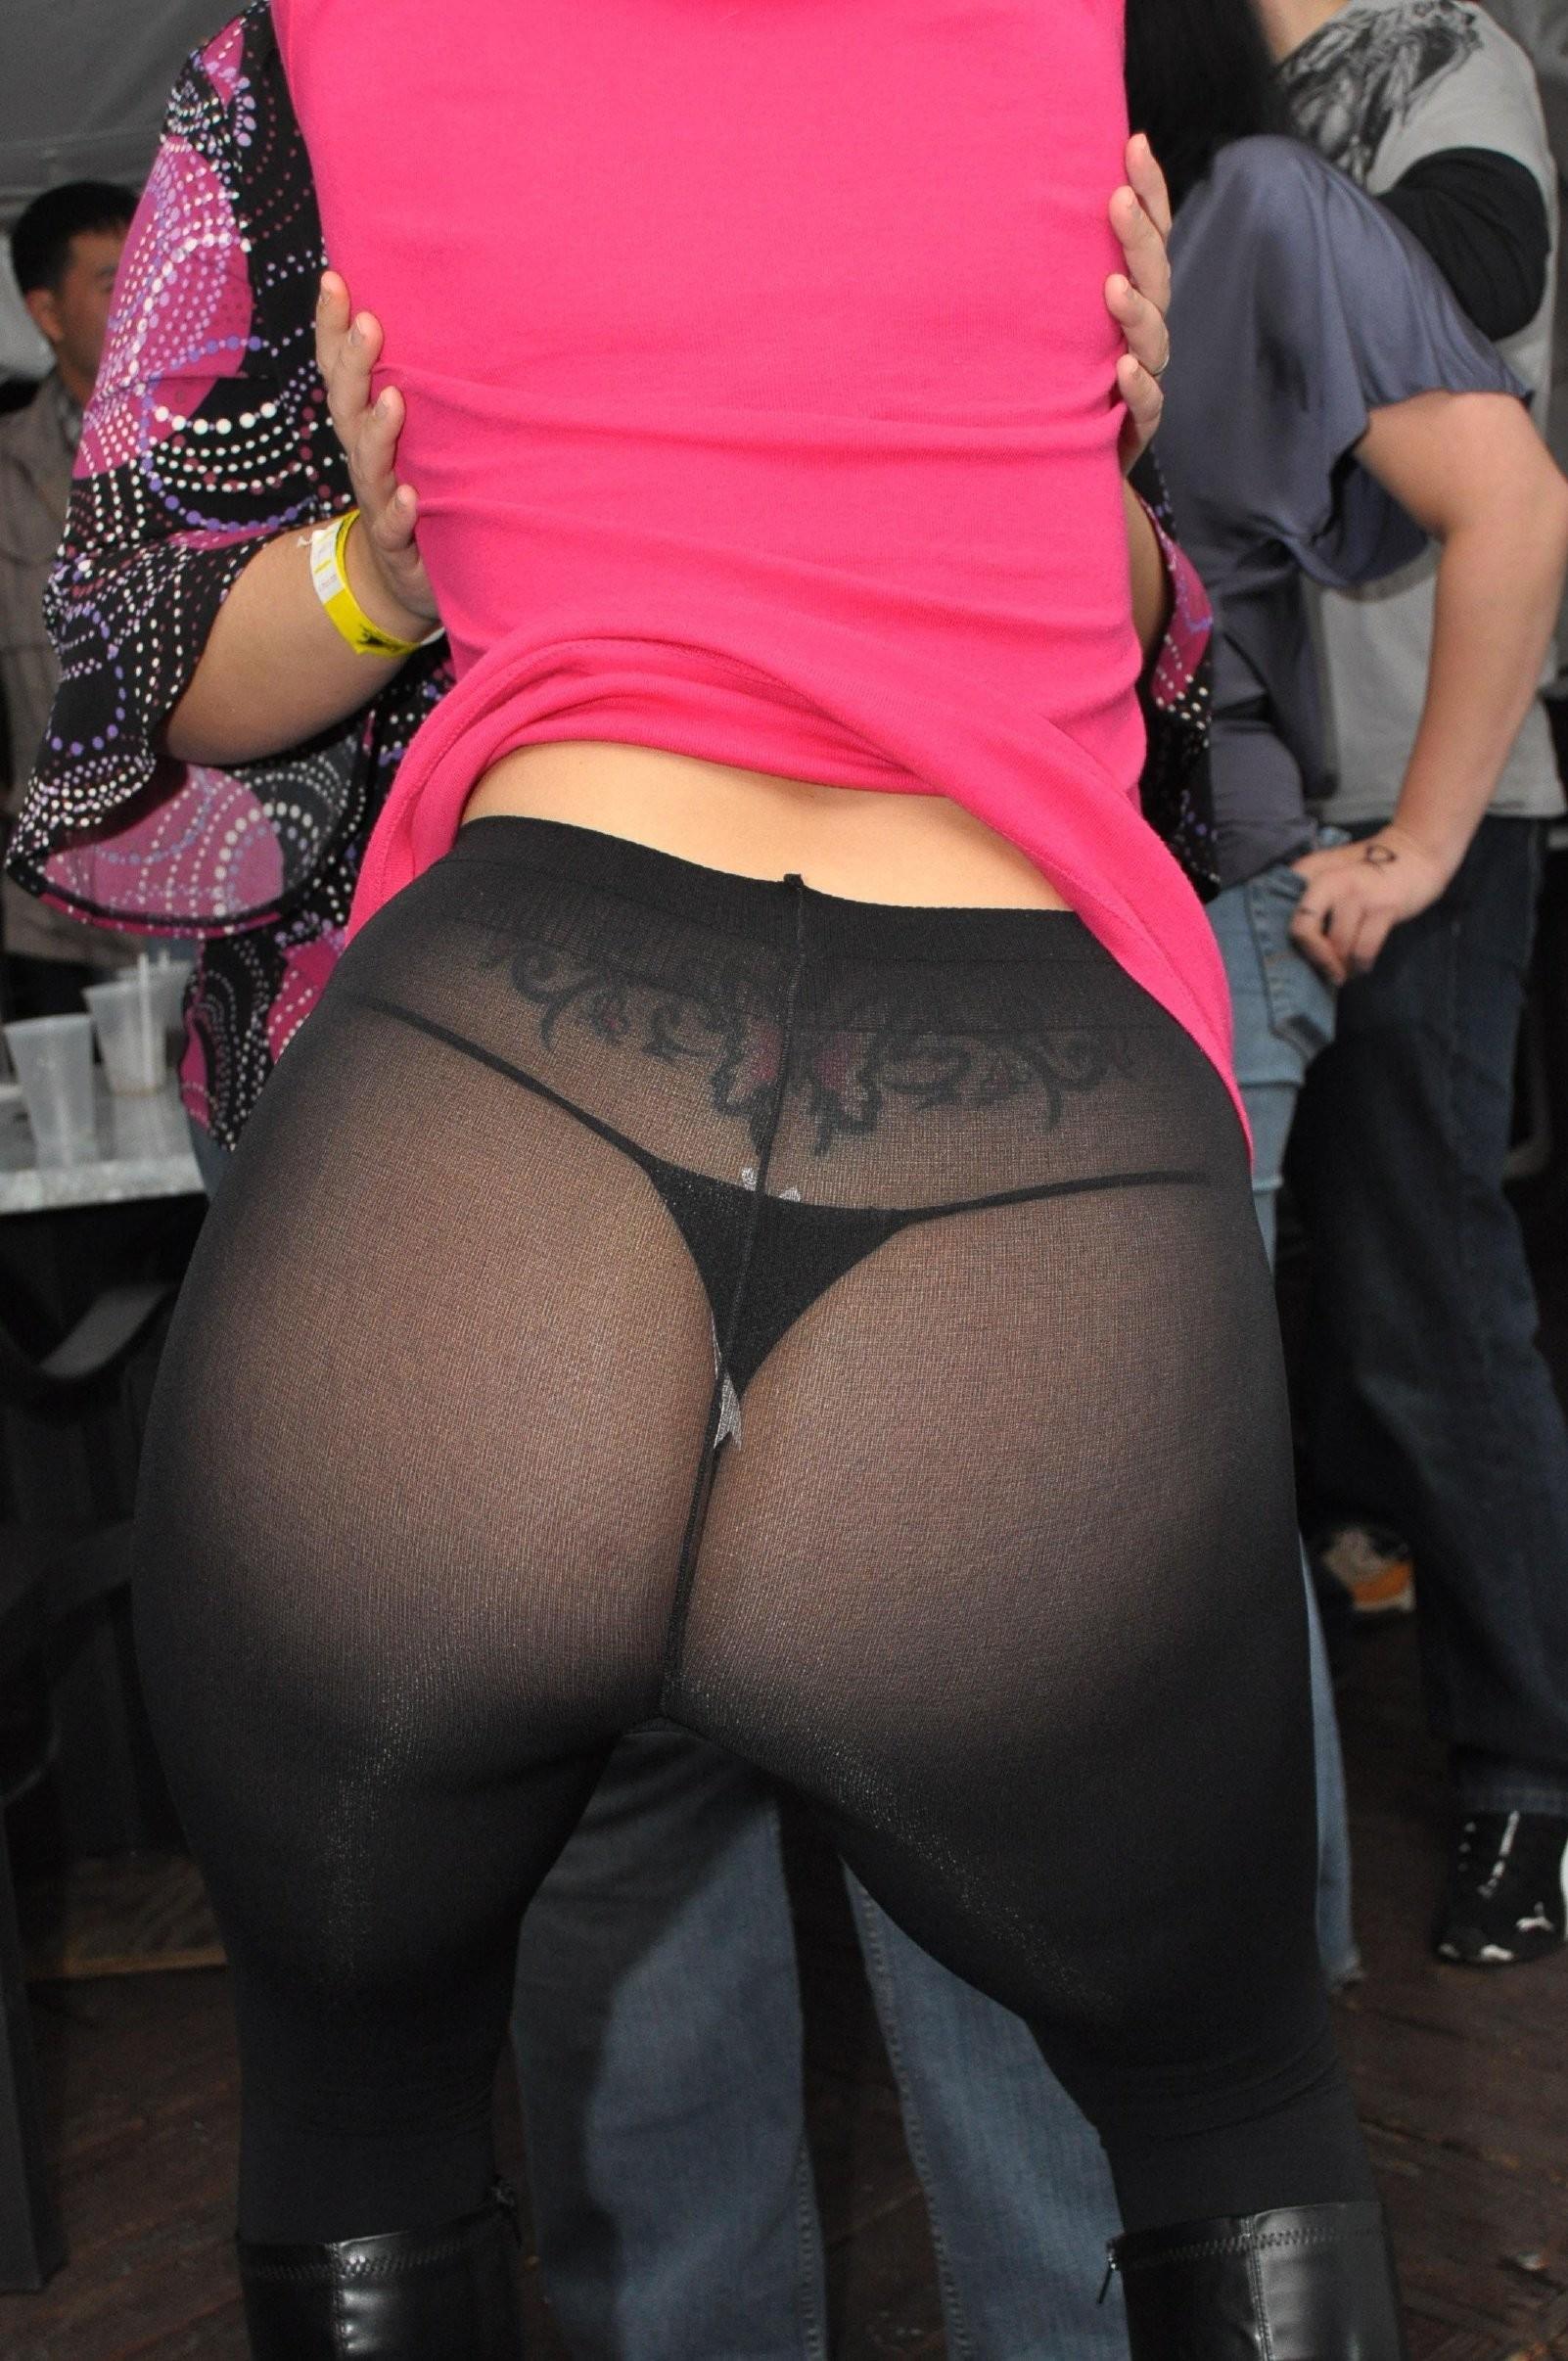 【パンストフェチエロ画像】日差し強い日以外は夏でも需要アリw黒スト&黒タイツが艶めかしい女の下半身www 16